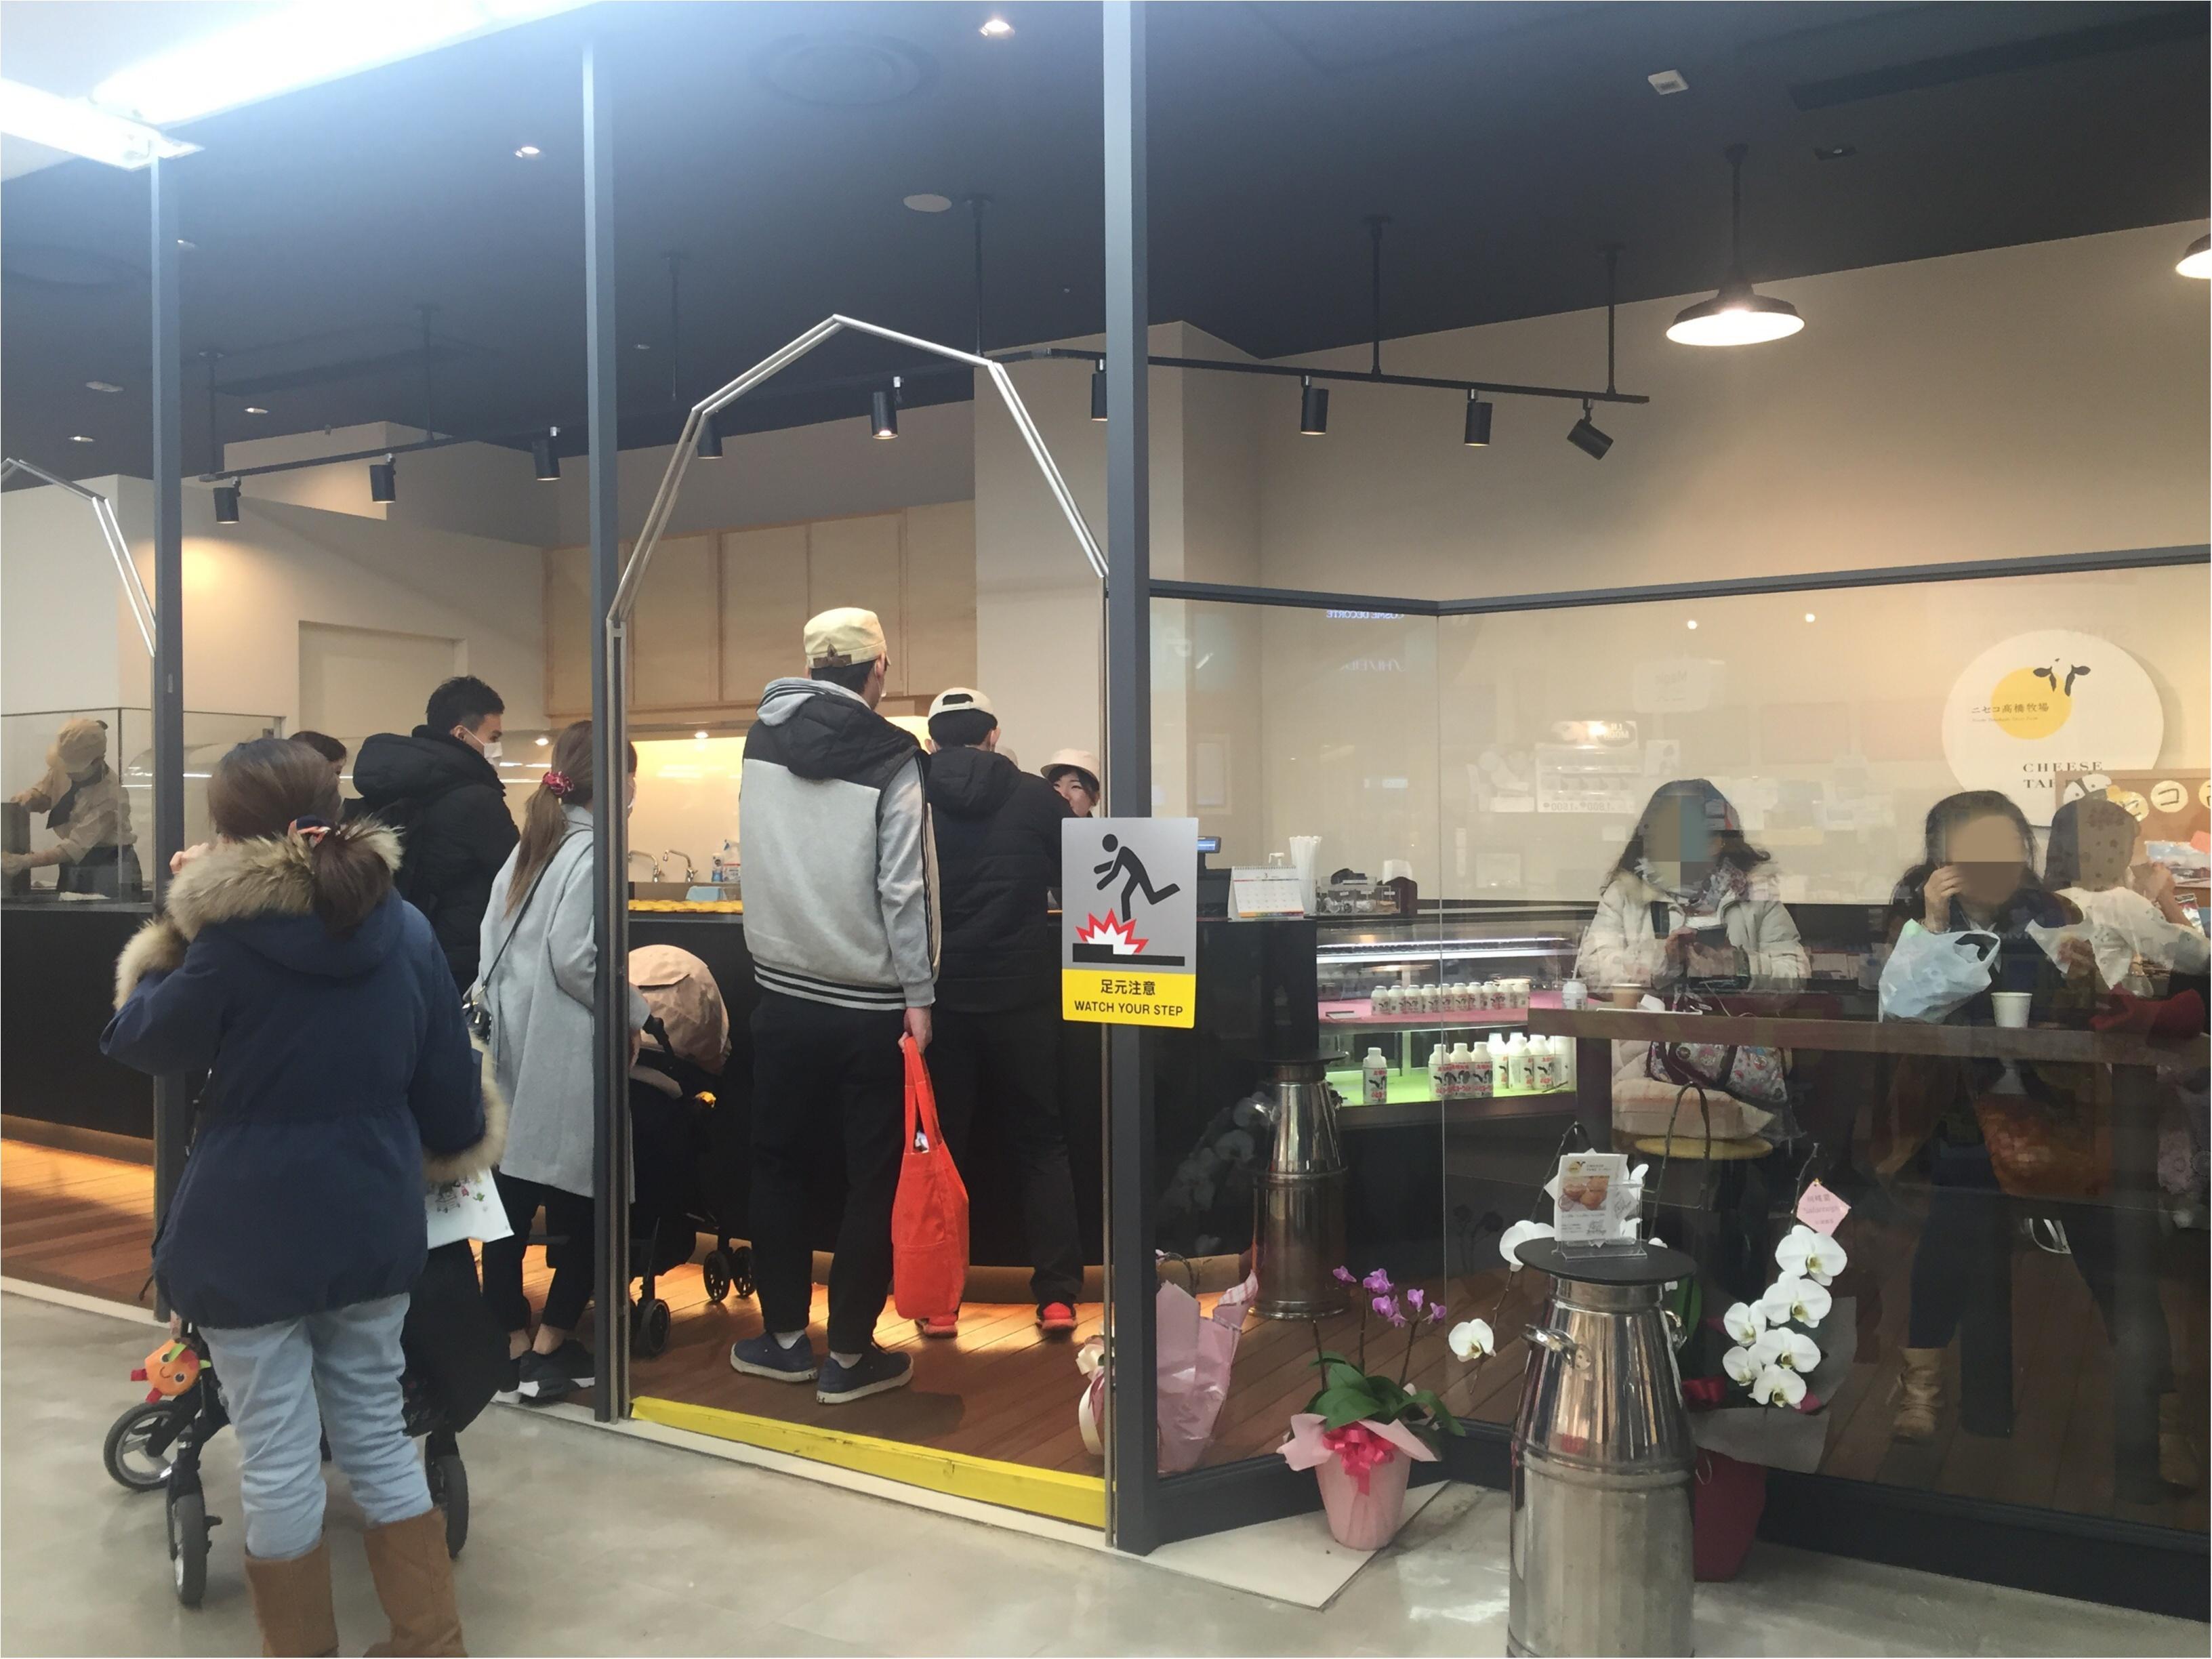 北海道で人気「ニセコ髙橋牧場」のチーズタルトが吉祥寺で買えるようになりました!ふわトロなミルク濃厚チーズ❤︎≪samenyan≫_2